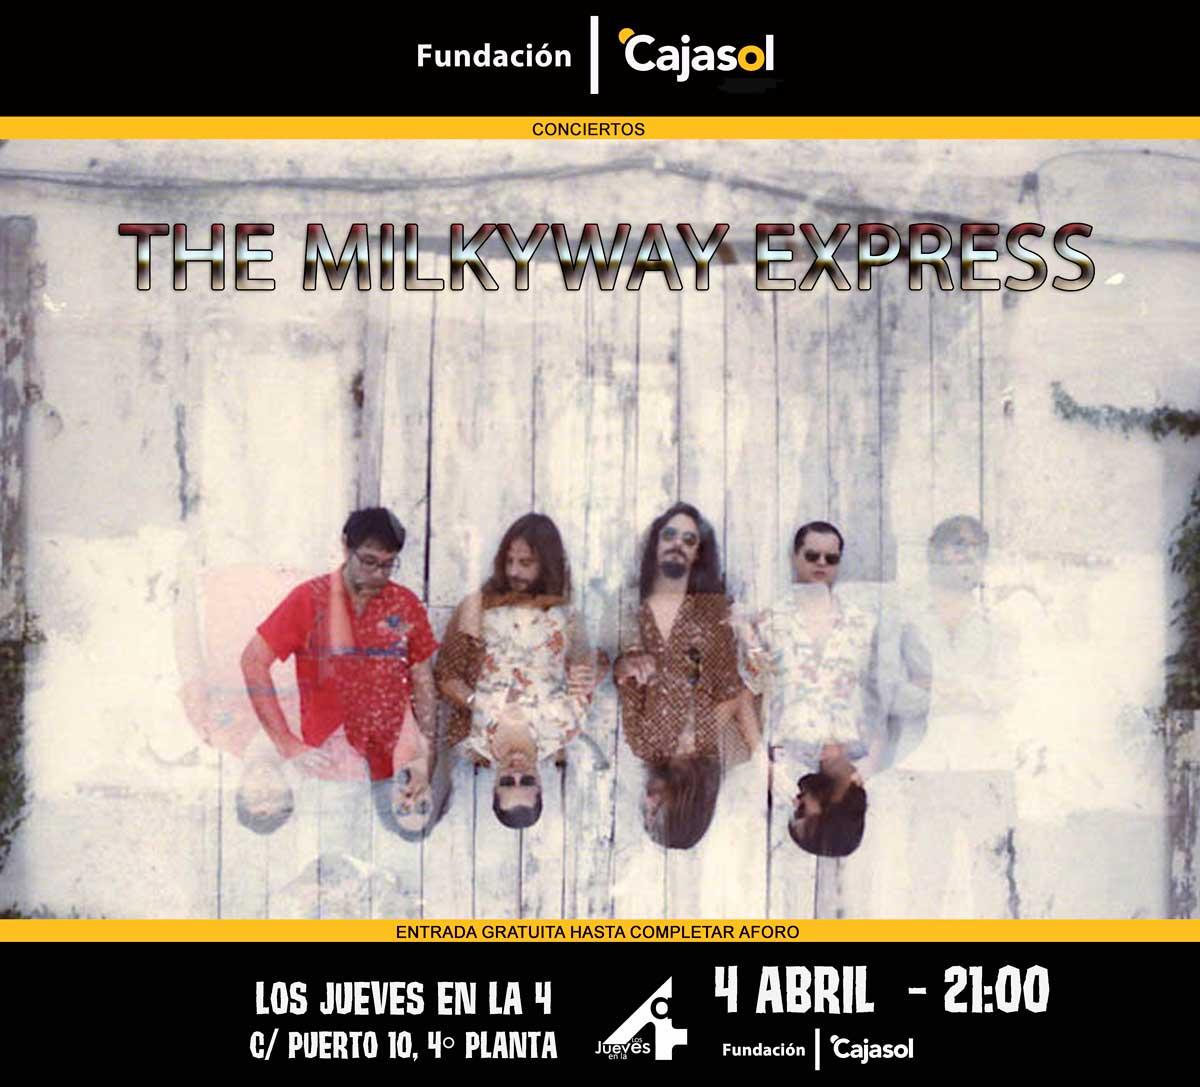 Cartel del concierto de 'The Milkyway Express' en Huelva